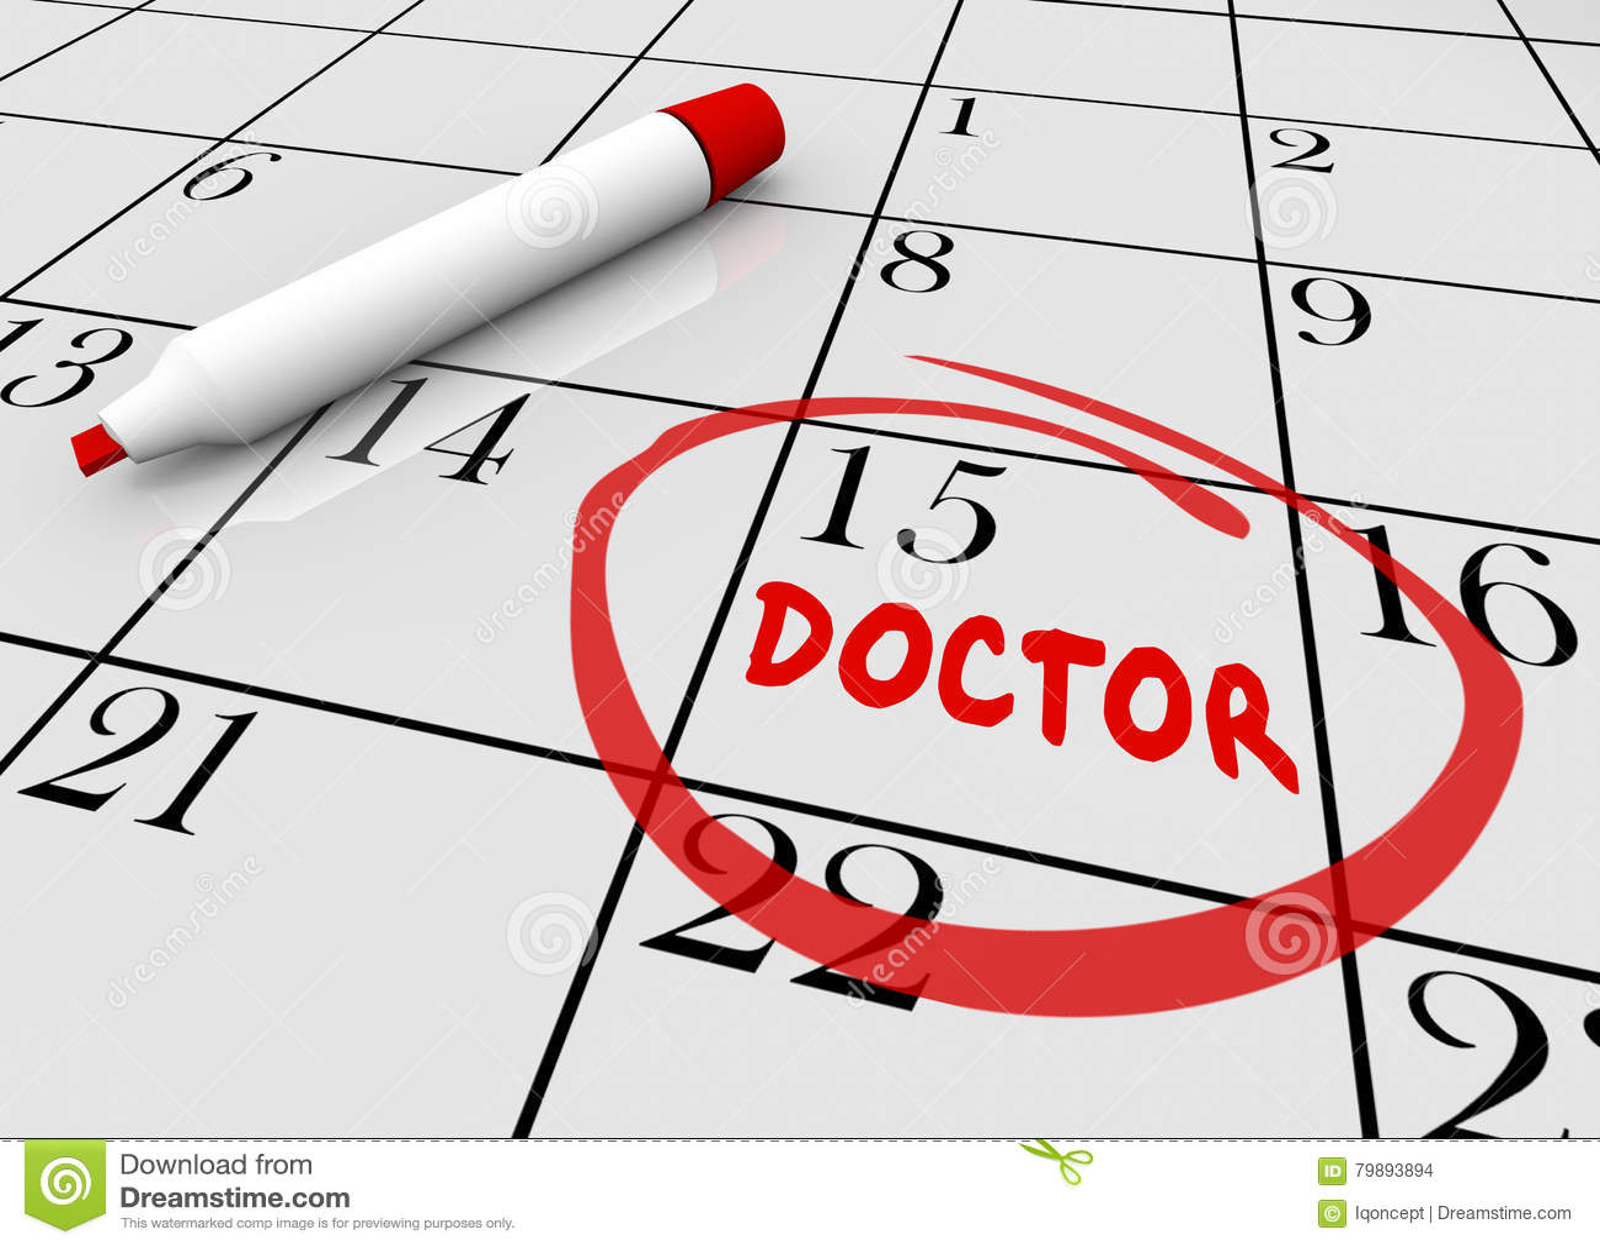 Calendario Fisico.Controllo Del Dottore Appointment Health Care Sul Calendario